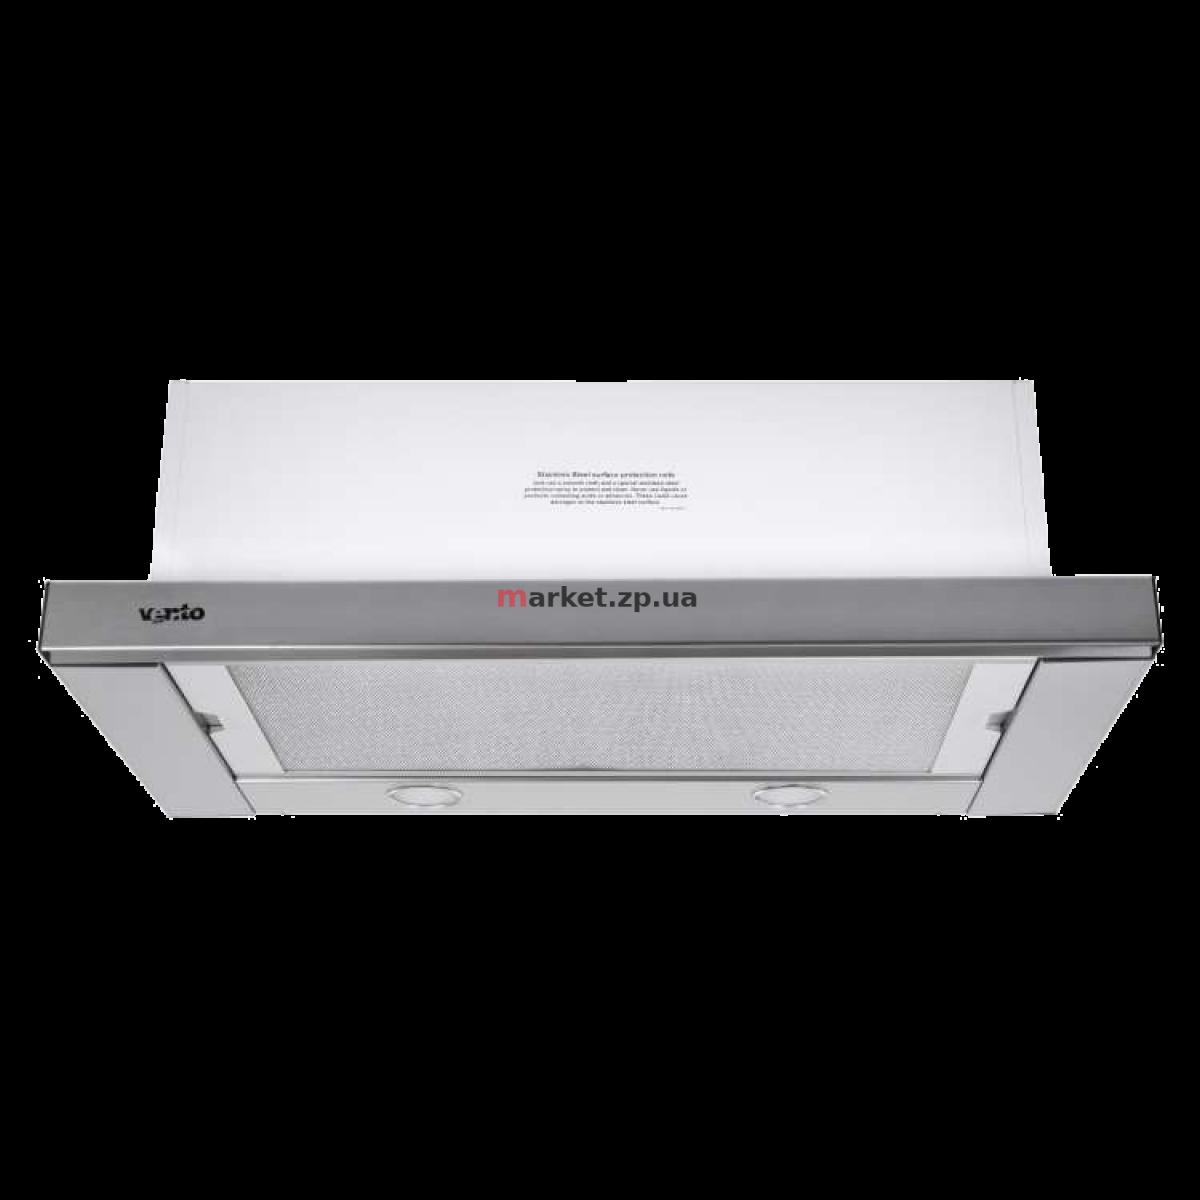 Вытяжка VENTOLUX GARDA 60 INOX (800) SMD LED